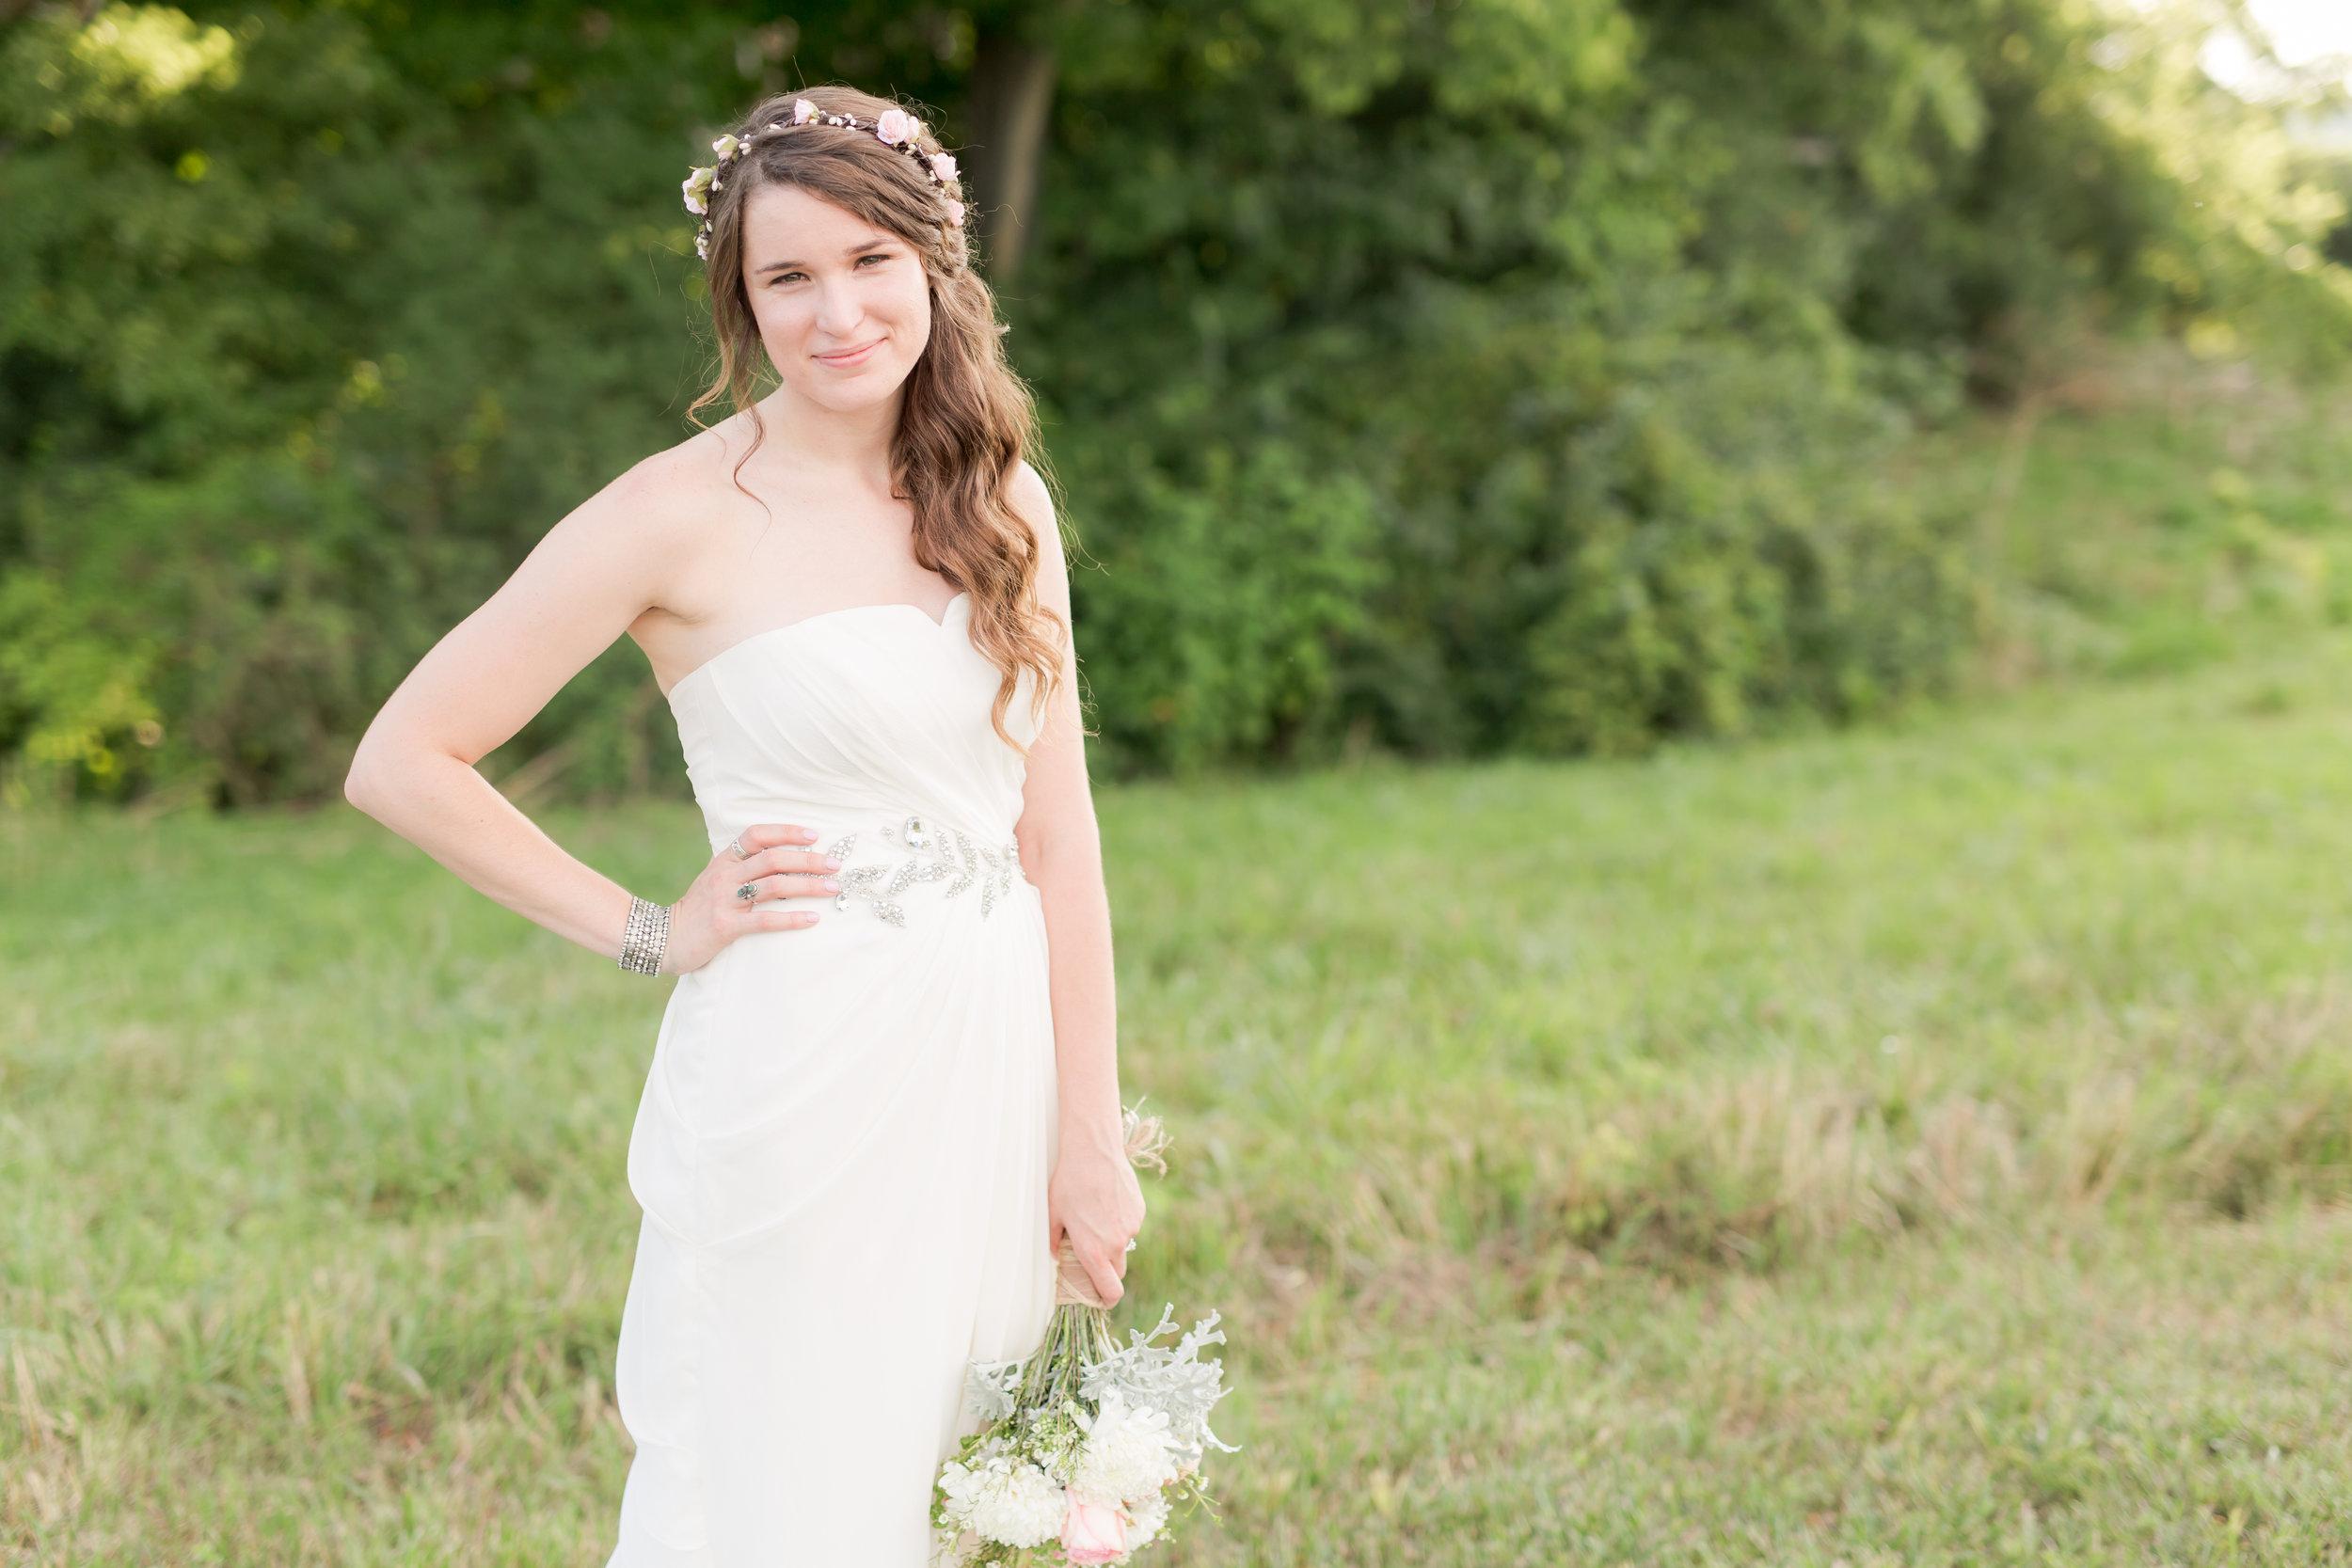 bridal shot-1.jpg